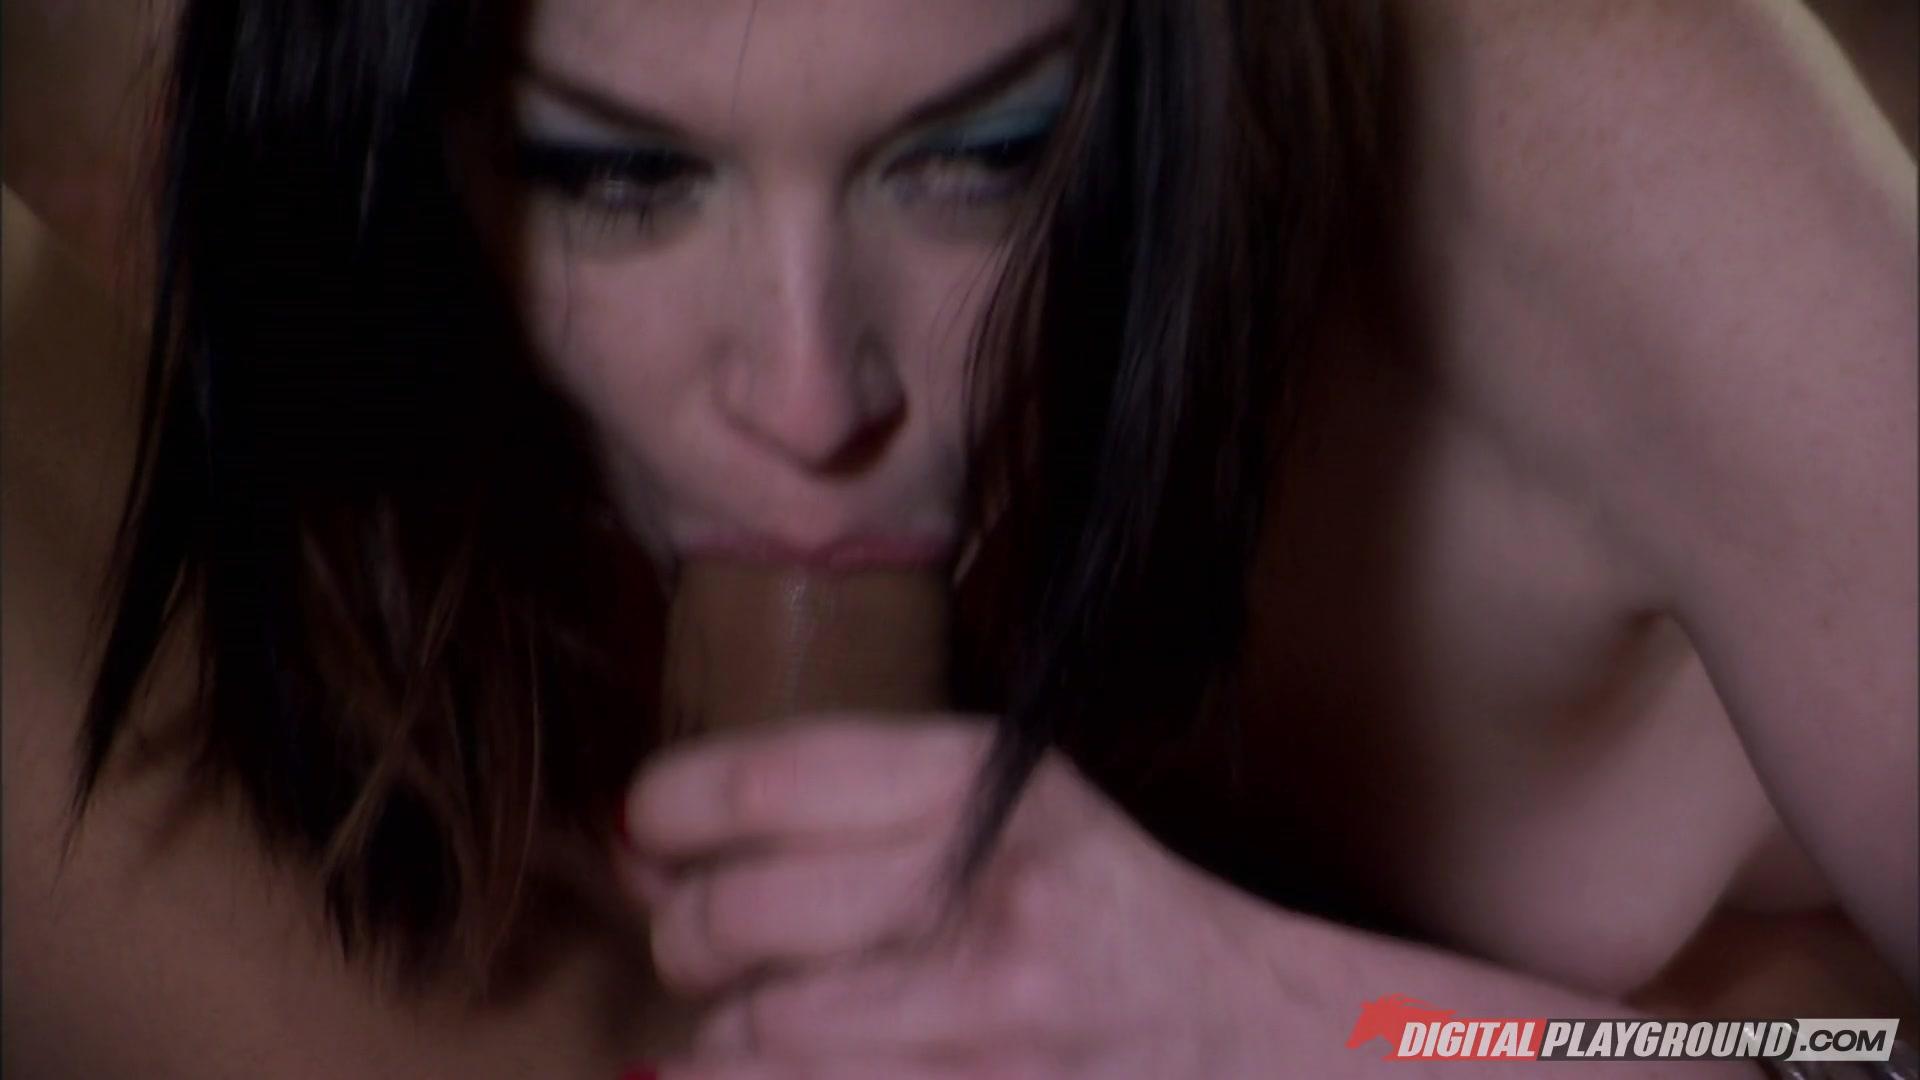 xxx videos stoya porn